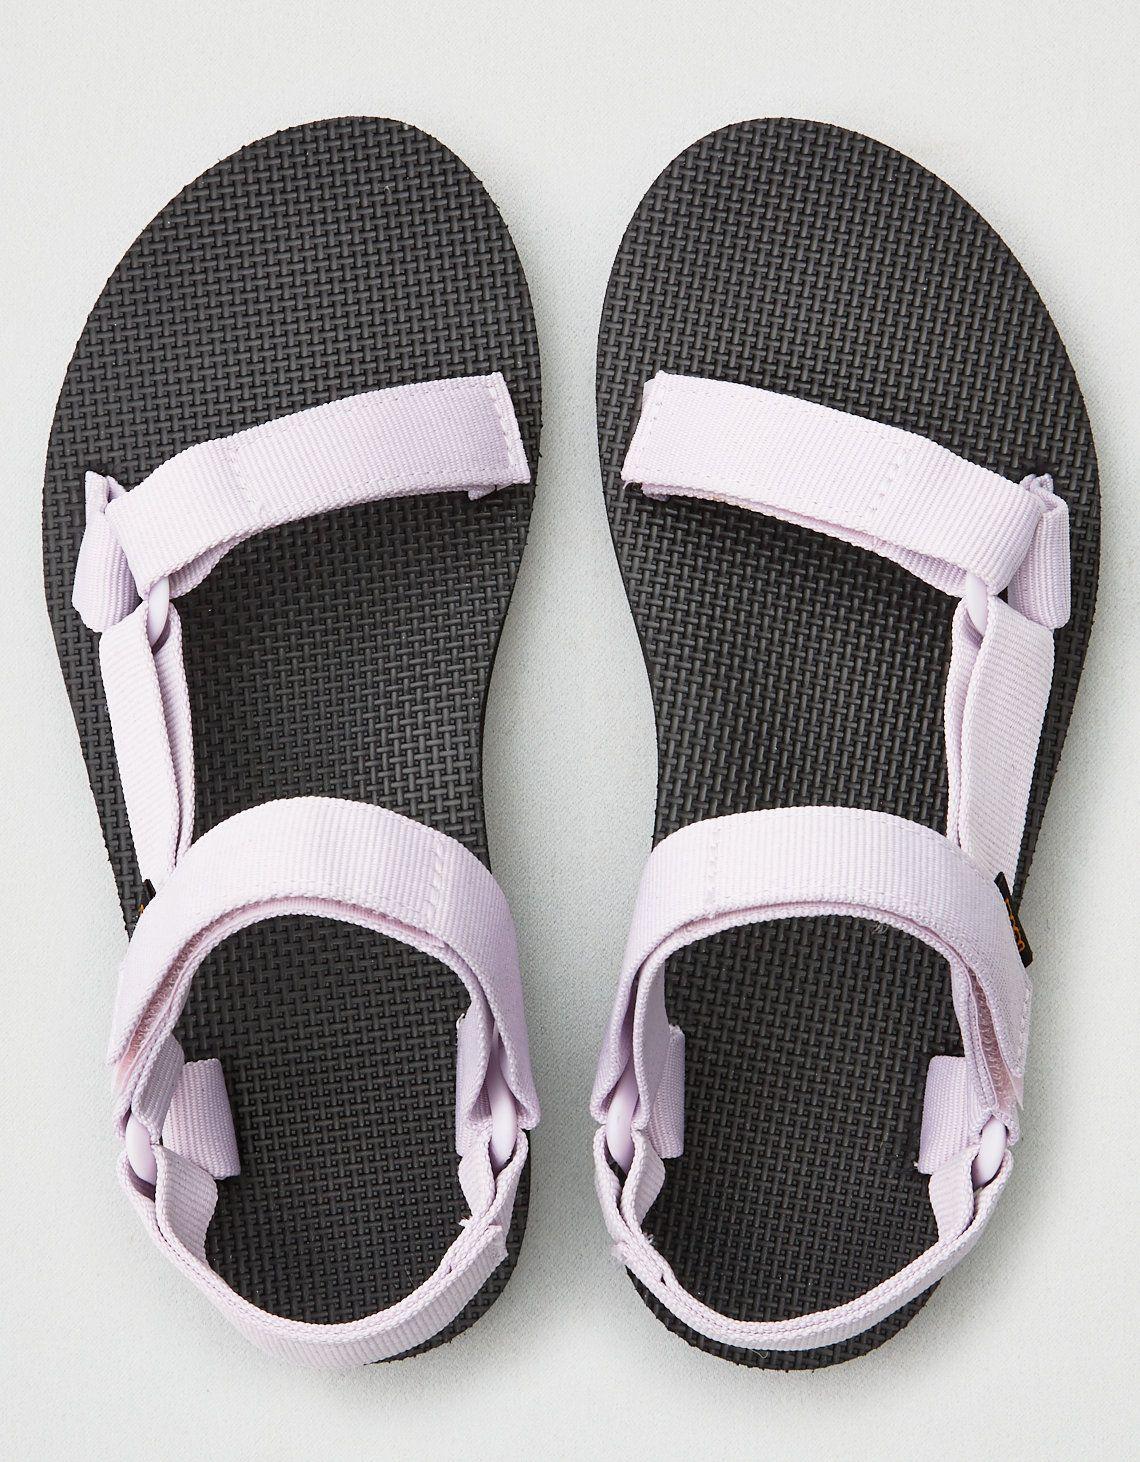 Teva sandals outfit, Teva original sandal